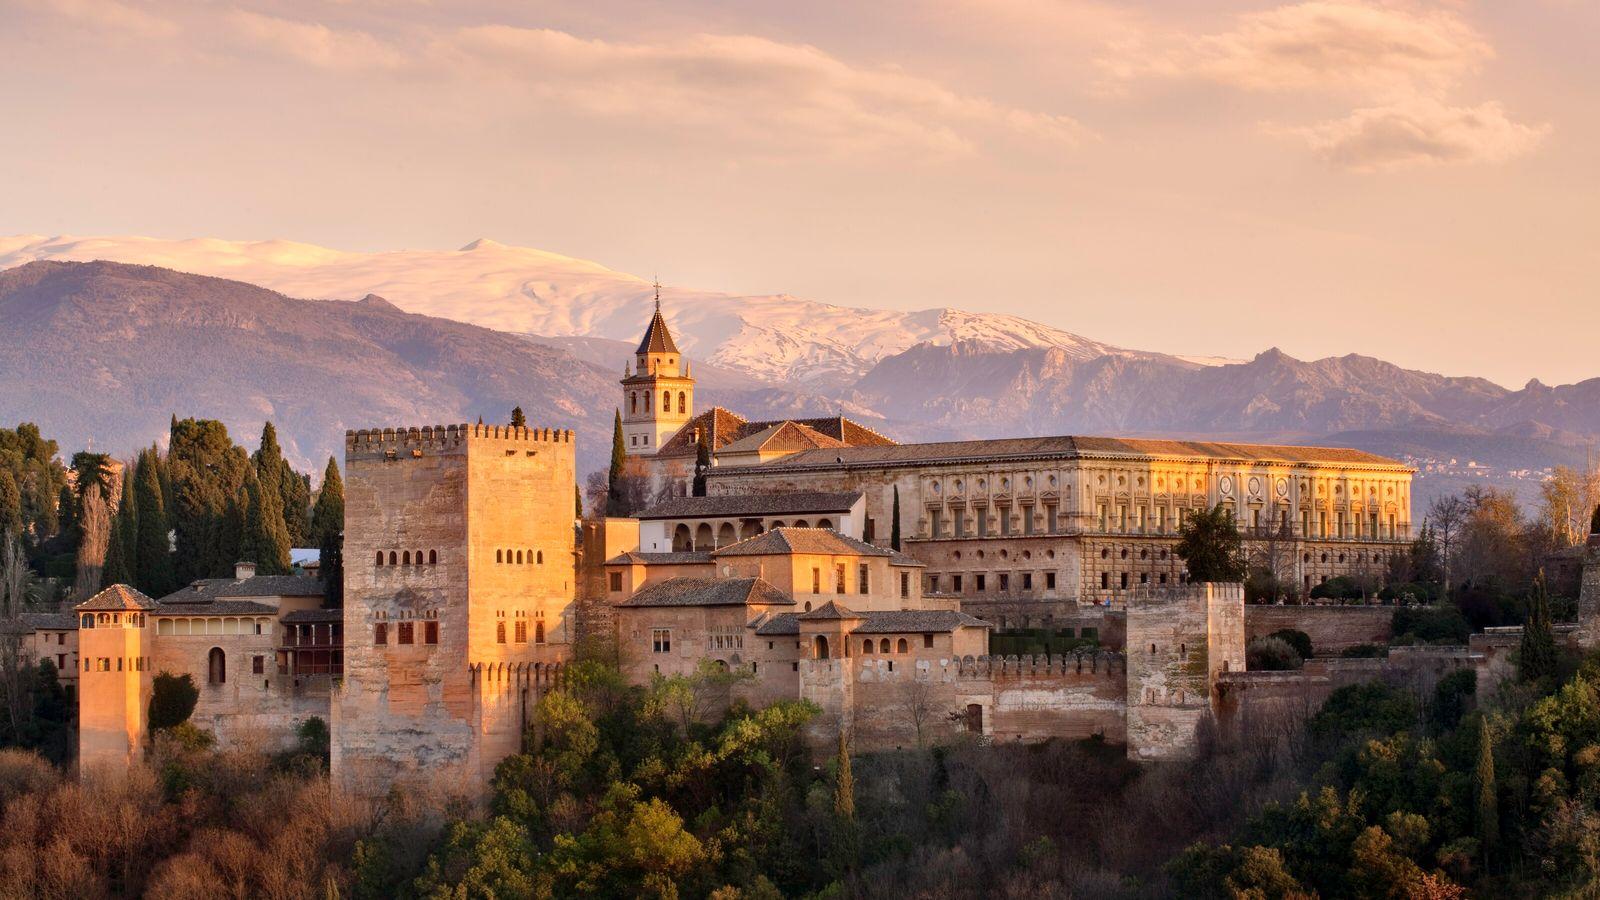 Ensemble palatial constituant l'un des monuments majeurs de l'architecture islamique, l'Alhambra surplombe la ville de Grenade, ...